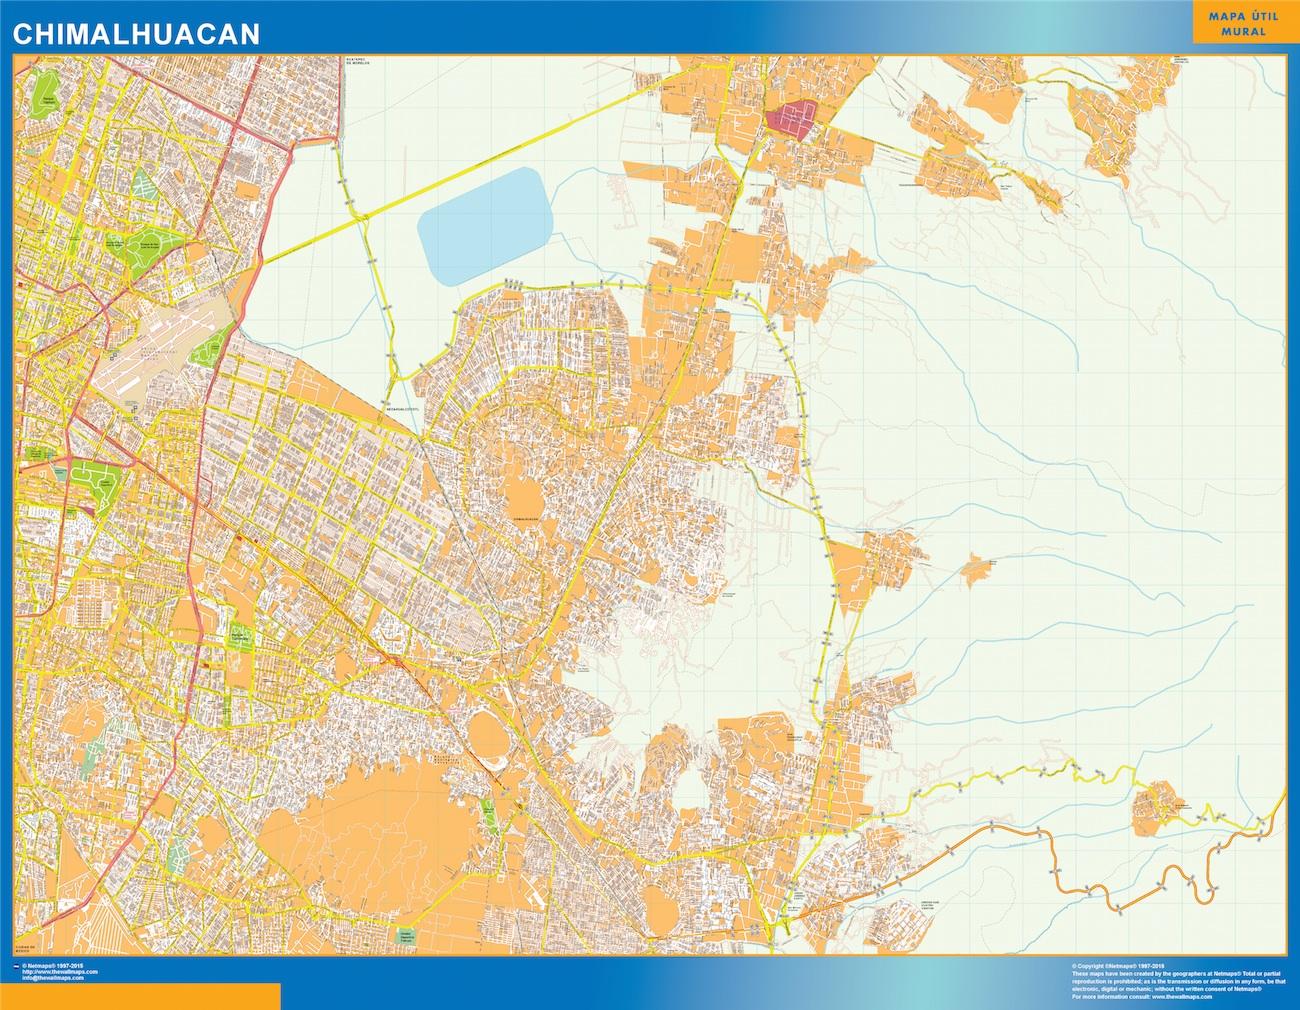 Mapa Chimalhuacan en Mexico plastificado gigante